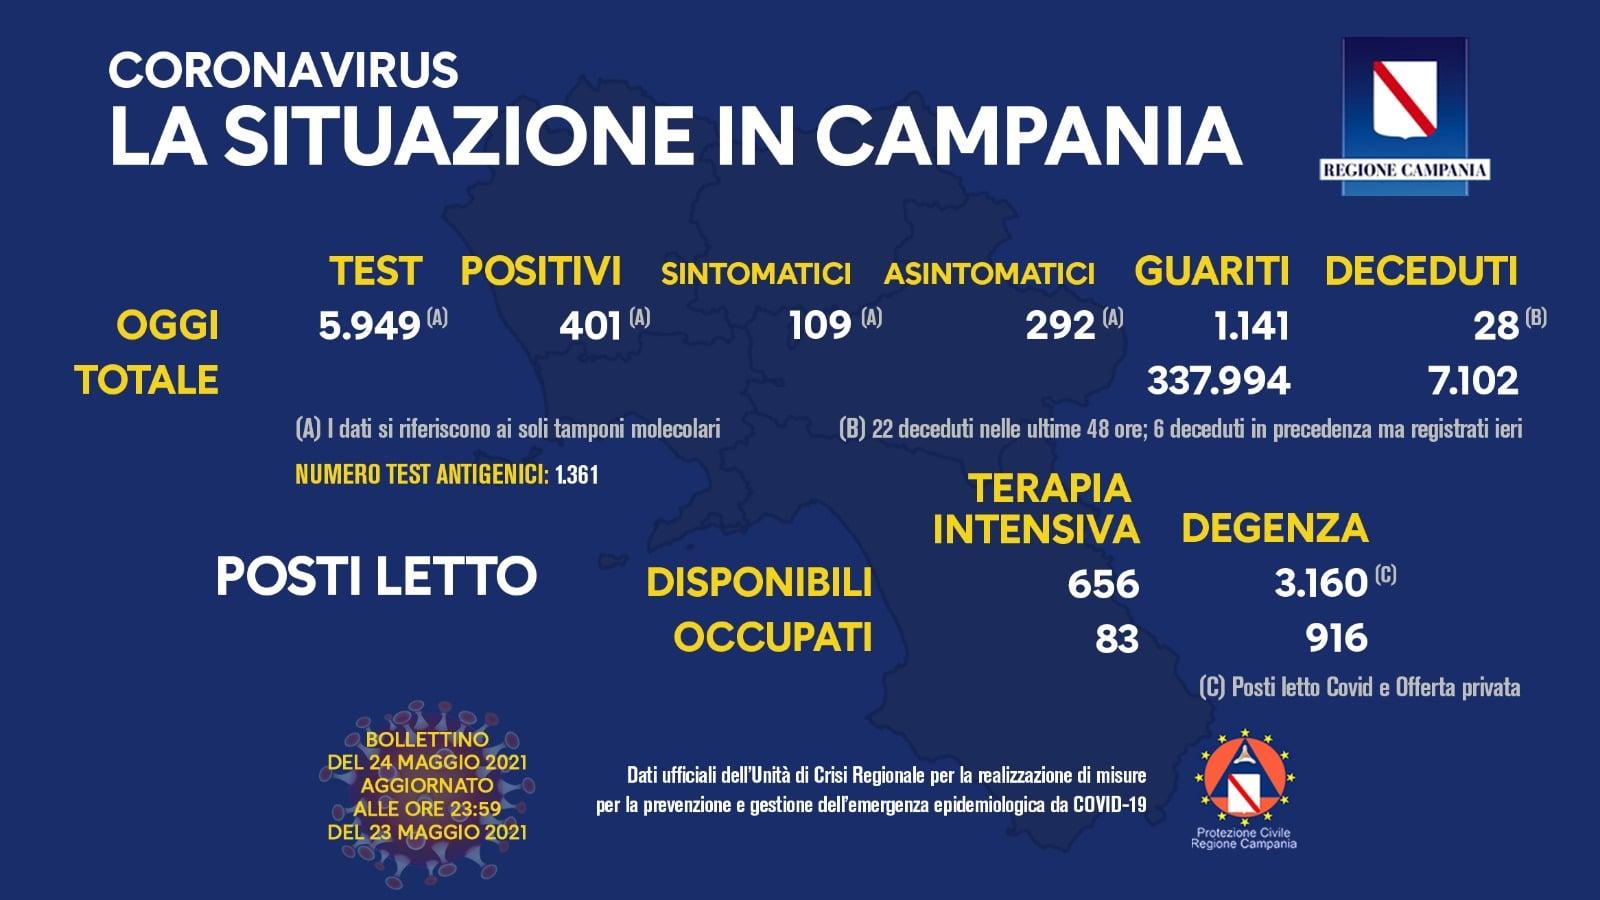 Coronavirus Campania, bollettino del 24 maggio 2021